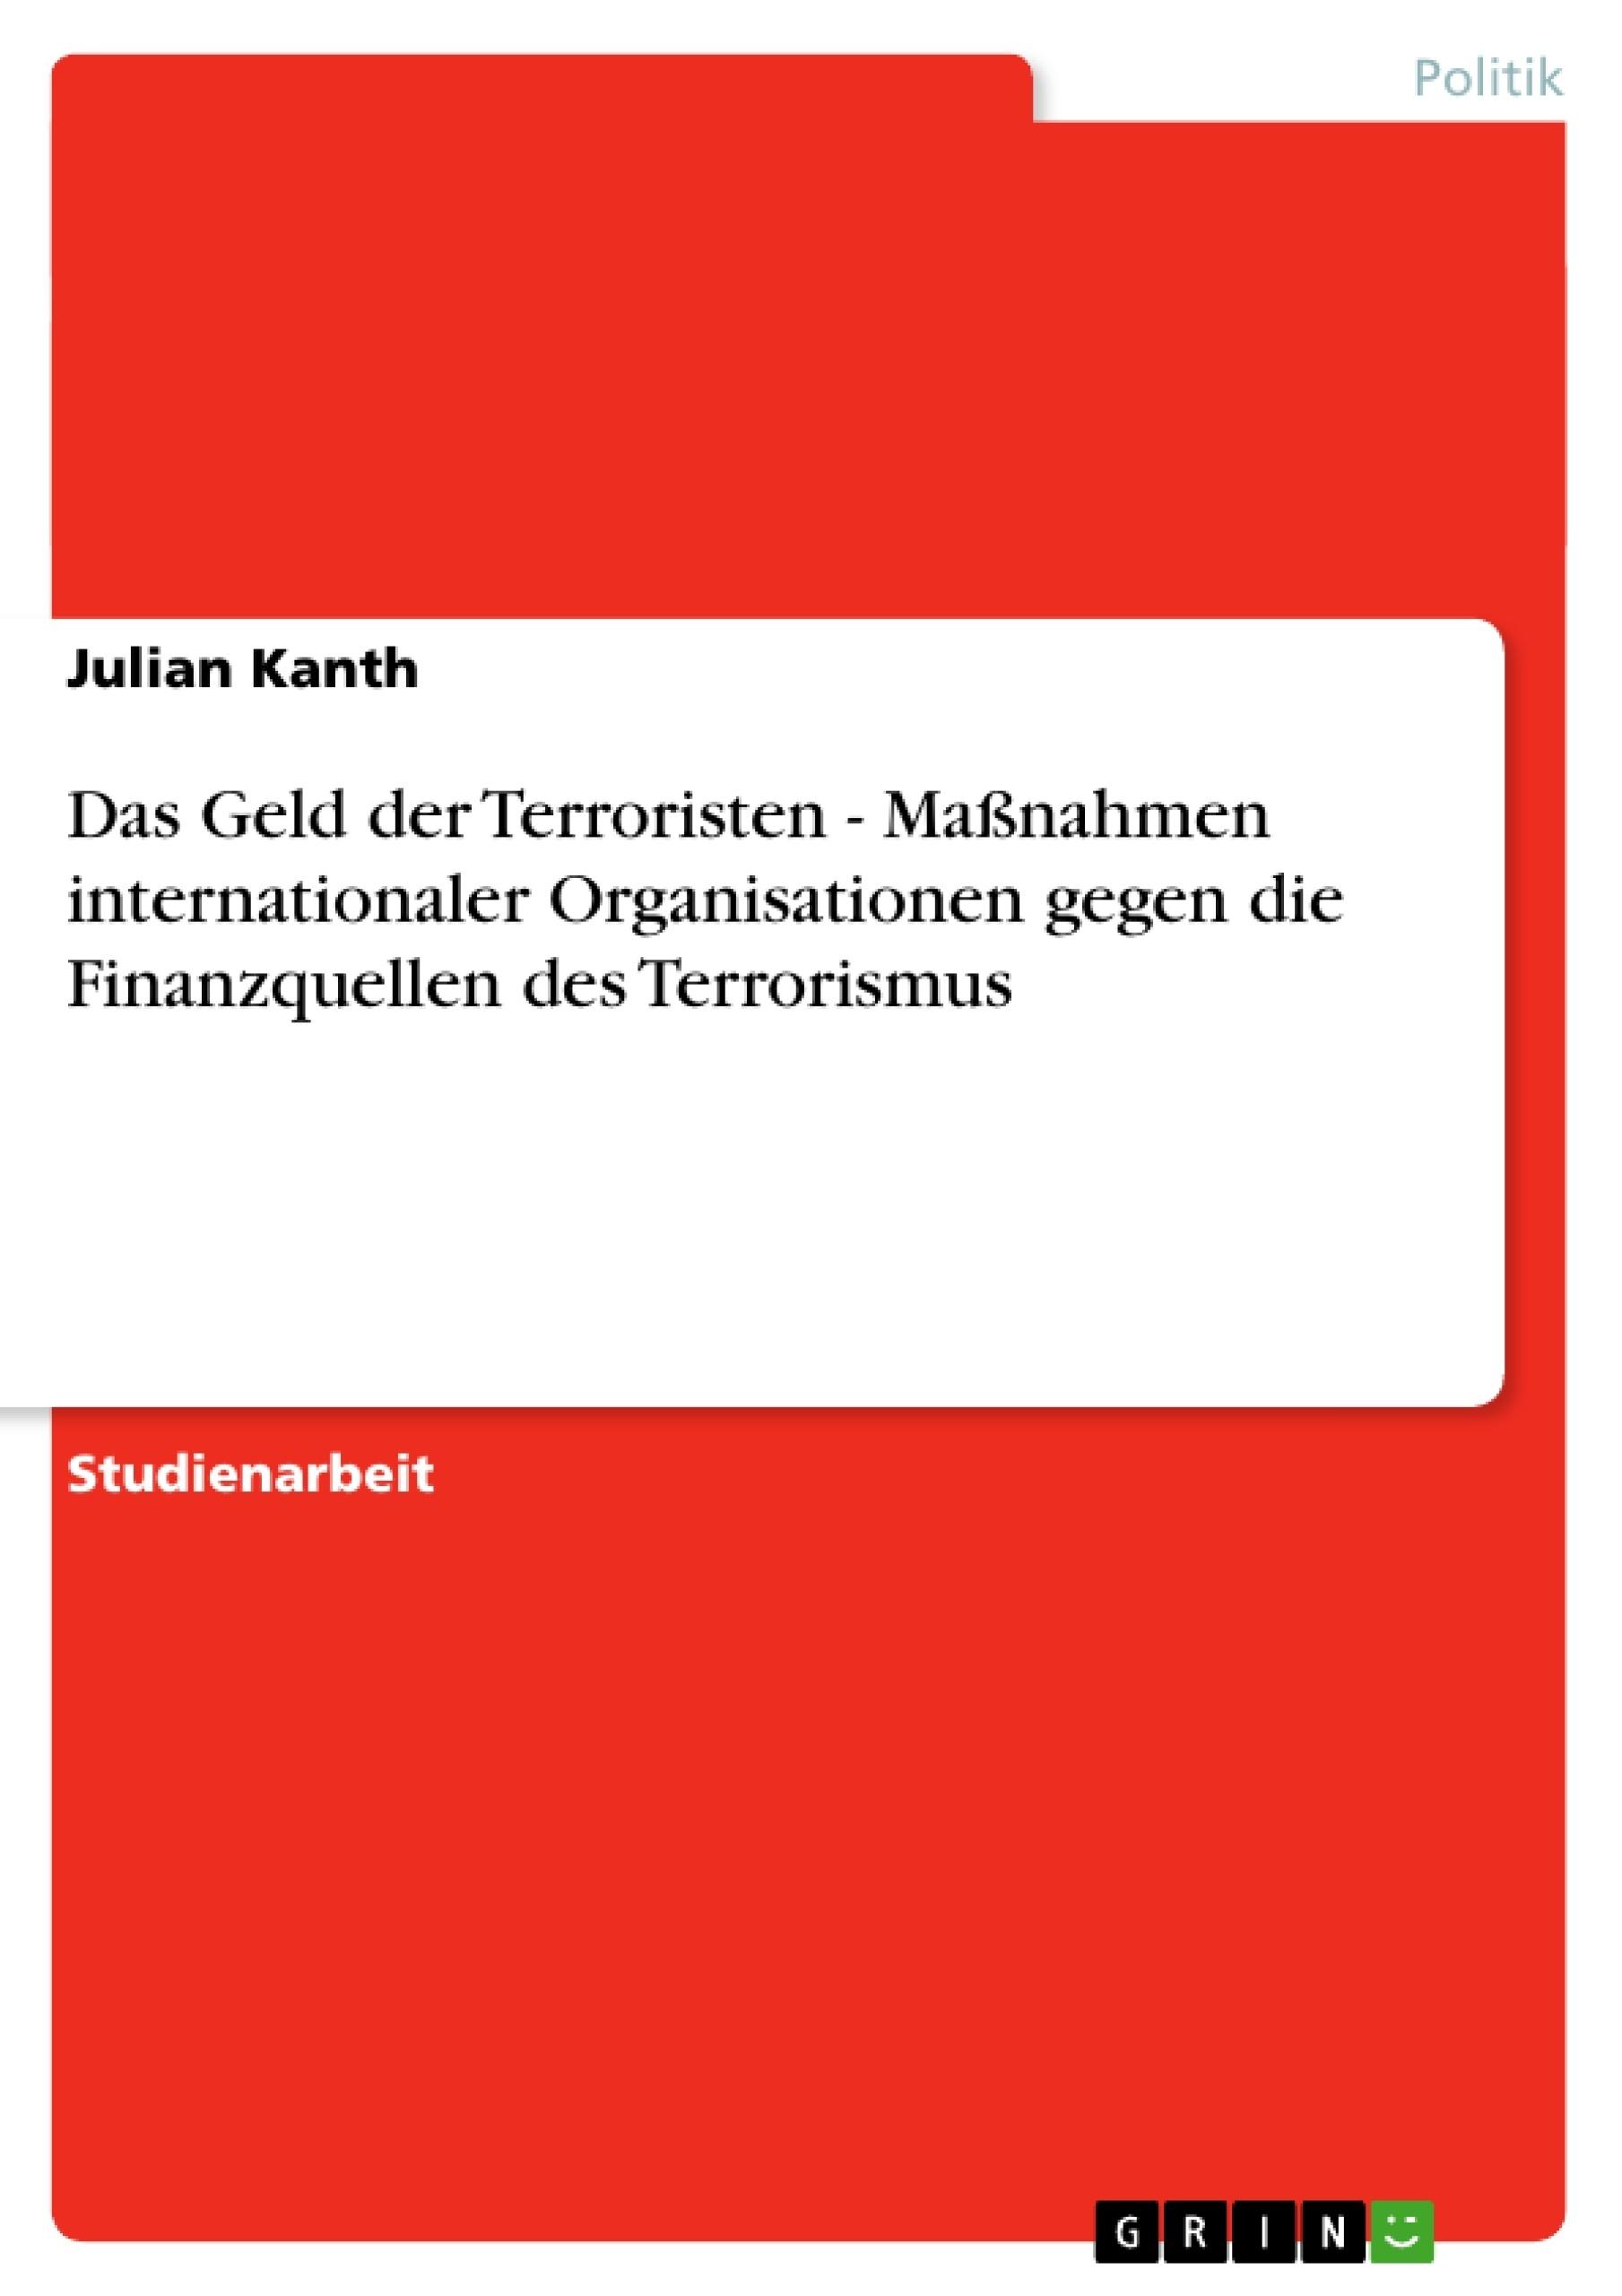 Titel: Das Geld der Terroristen - Maßnahmen internationaler Organisationen gegen die Finanzquellen des Terrorismus